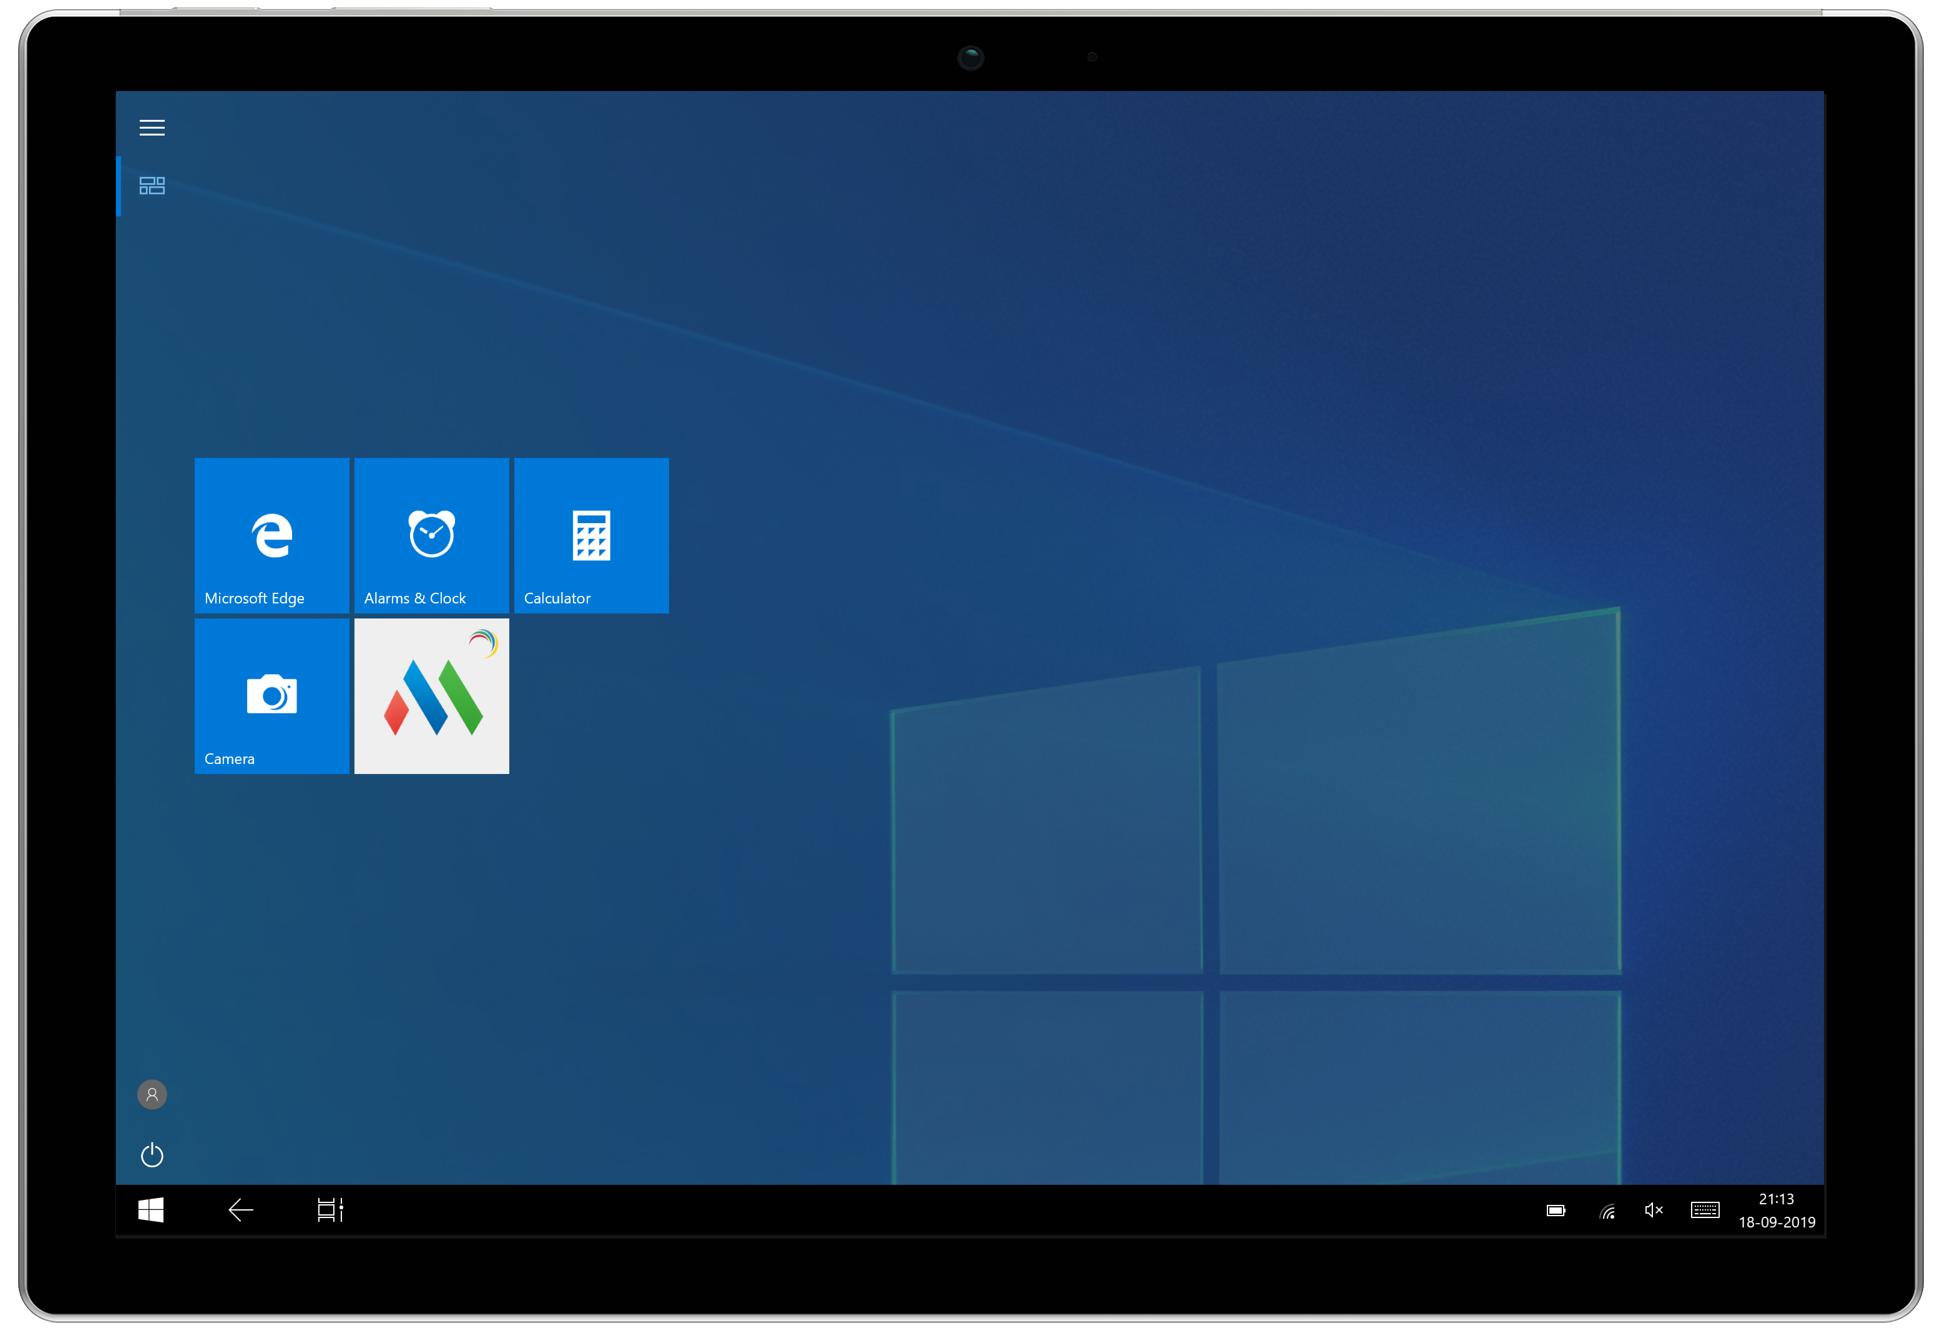 windows 10 kiosk app